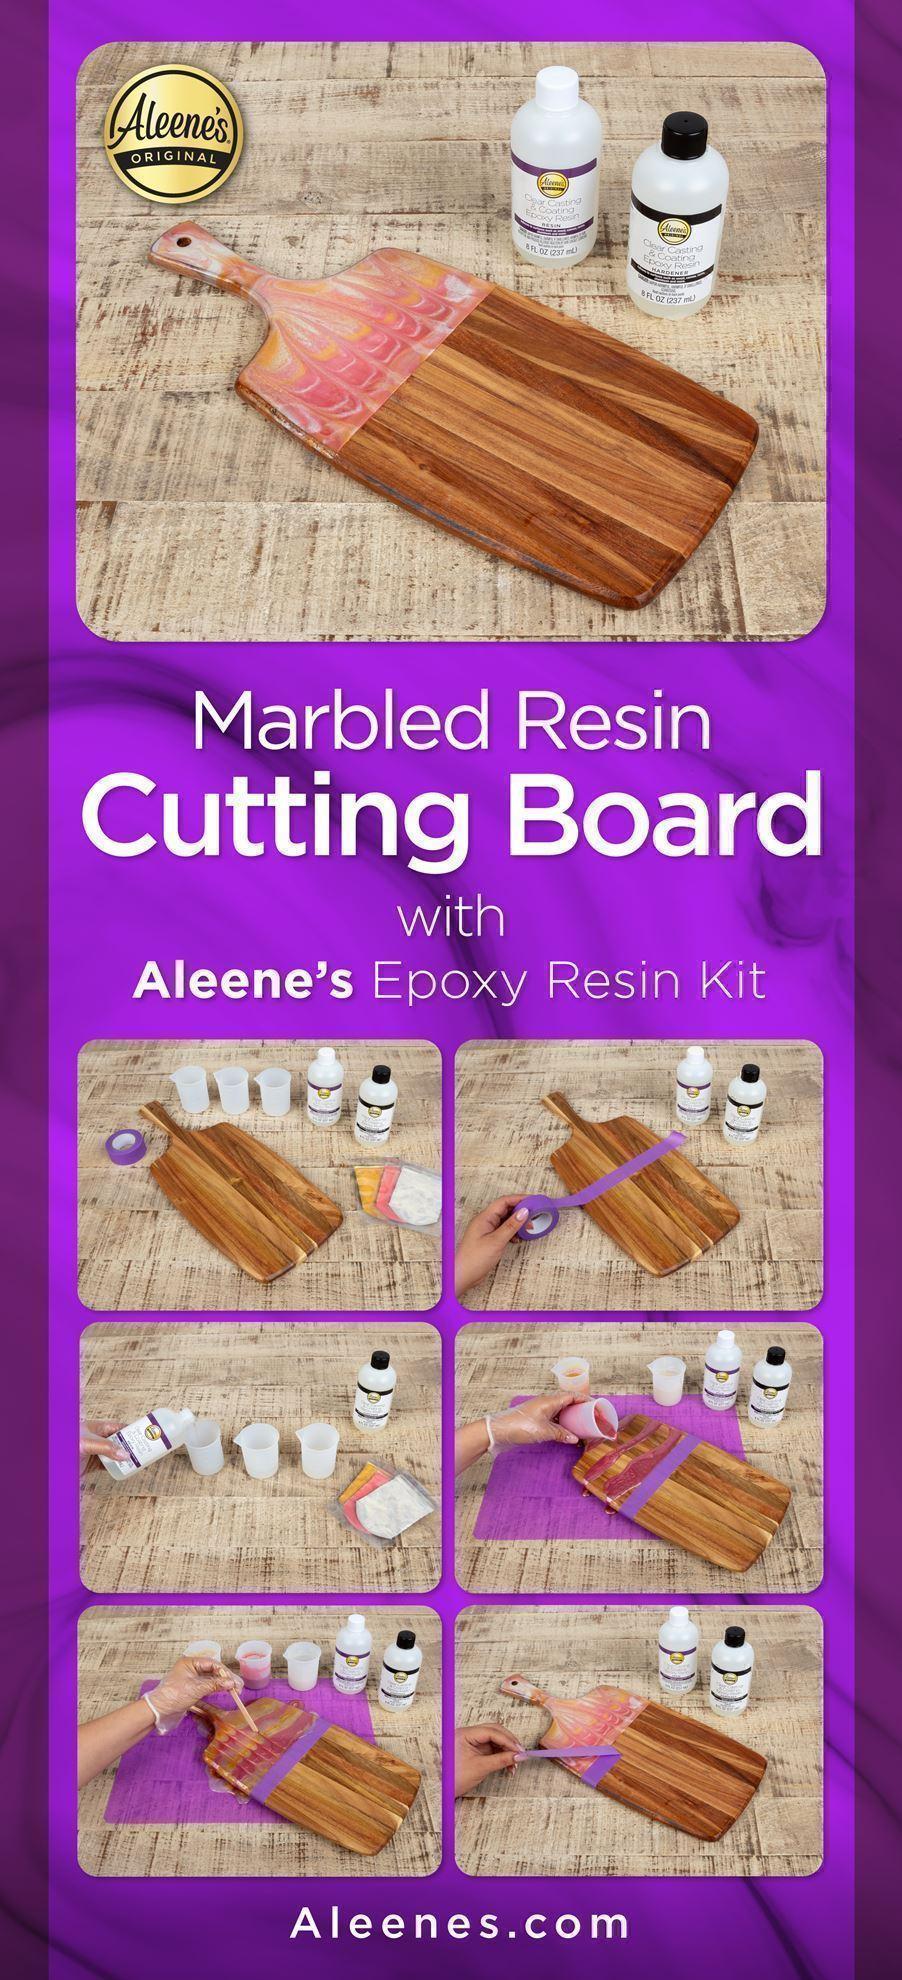 Marbled Resin Cutting Board DIY